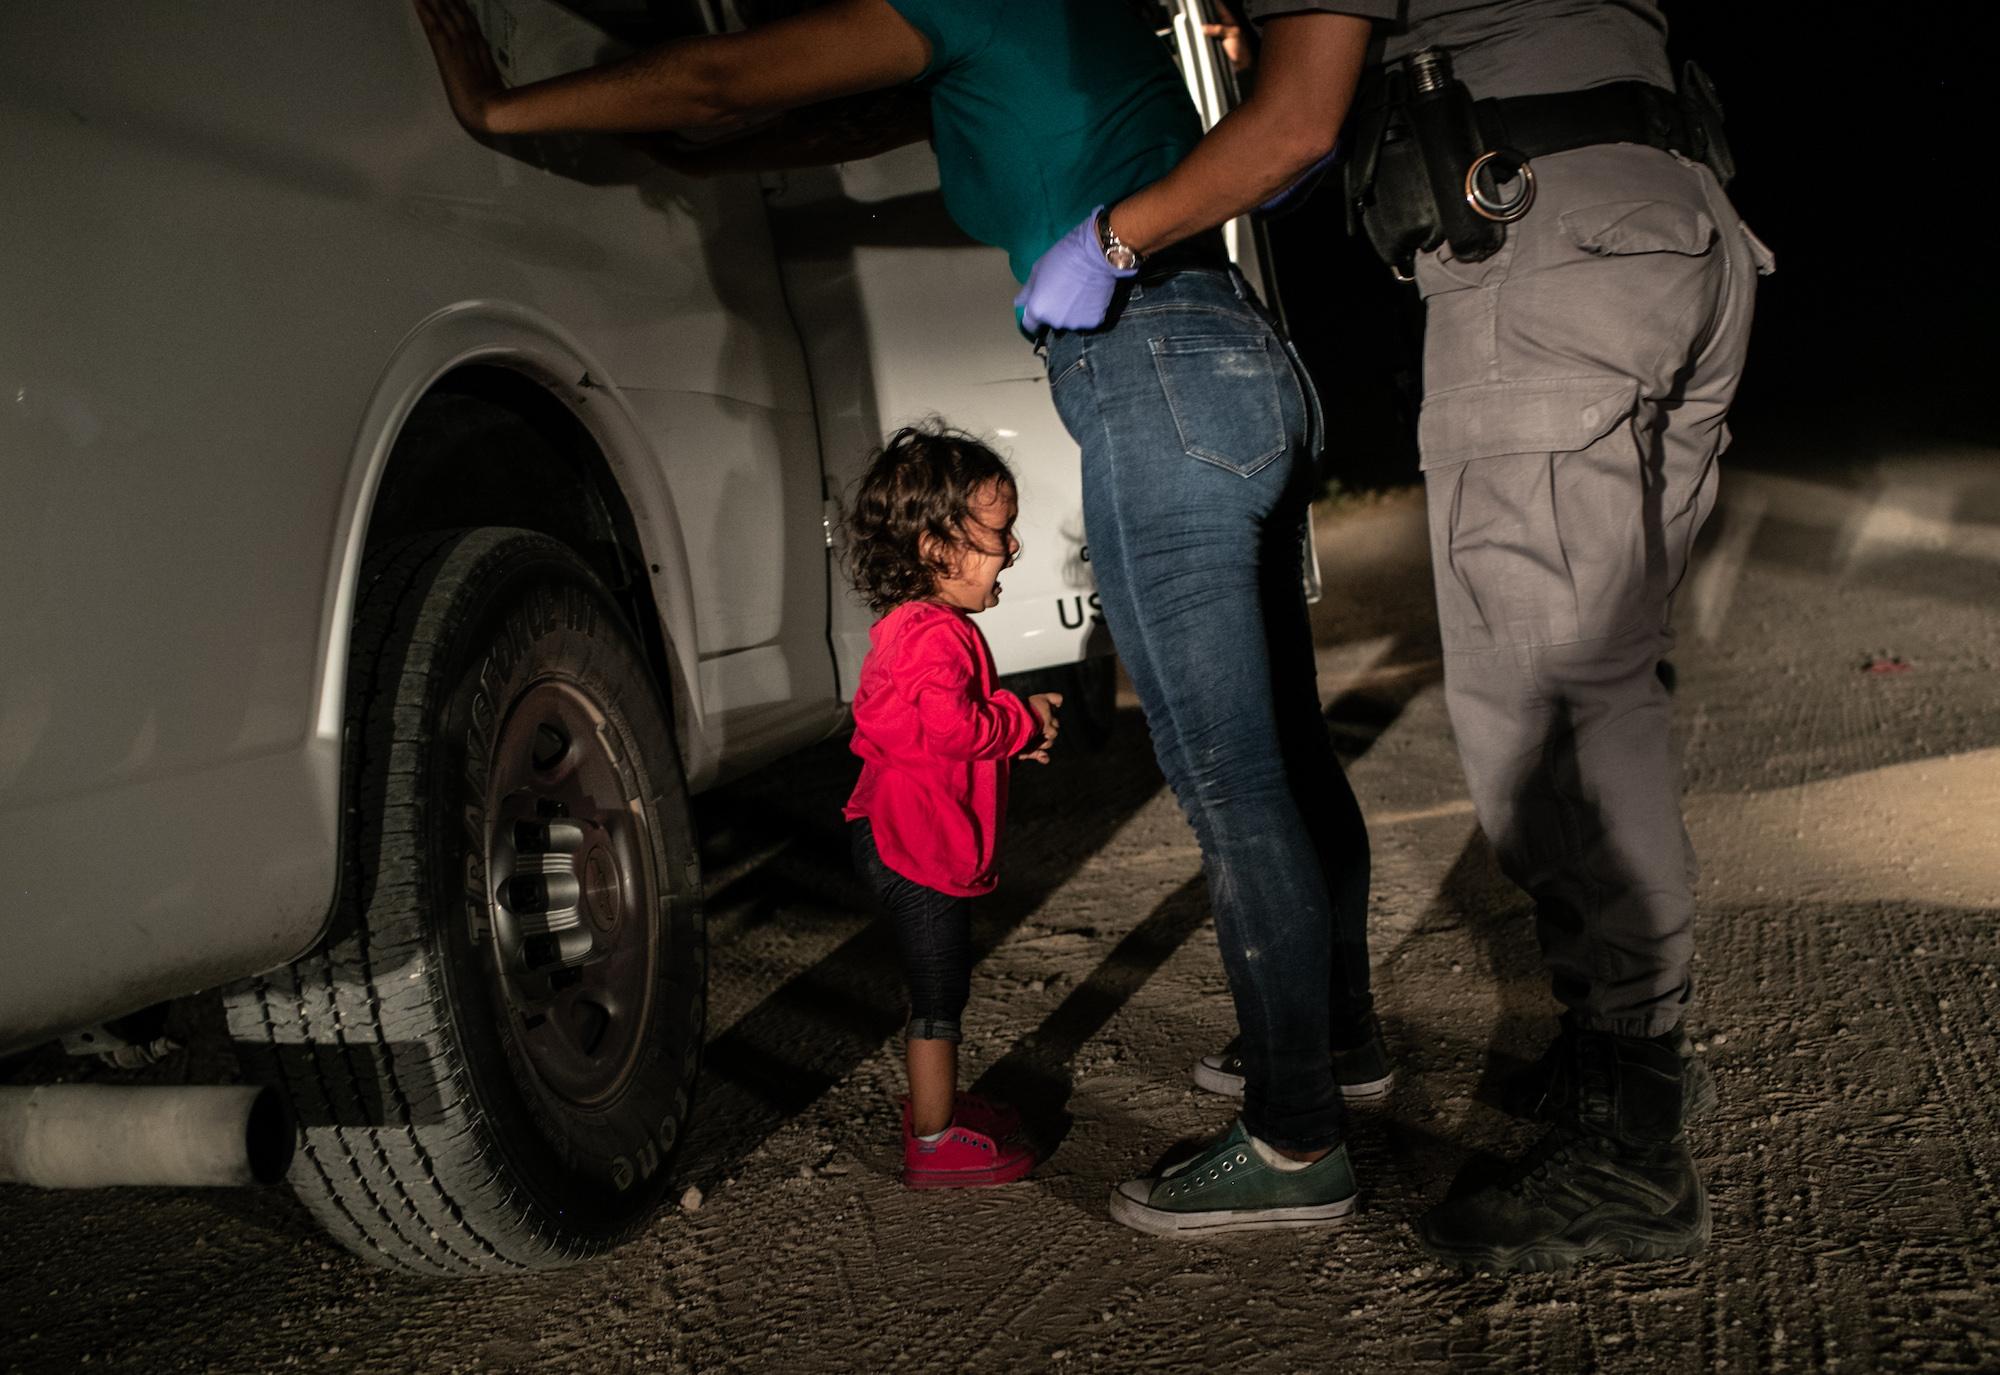 El 11 de abril se llevará a cabo el World Press Photo 2019 en Ámsterdam, y la prestigiosa organización ya reveló las 6 fotografías finalistas al premio.